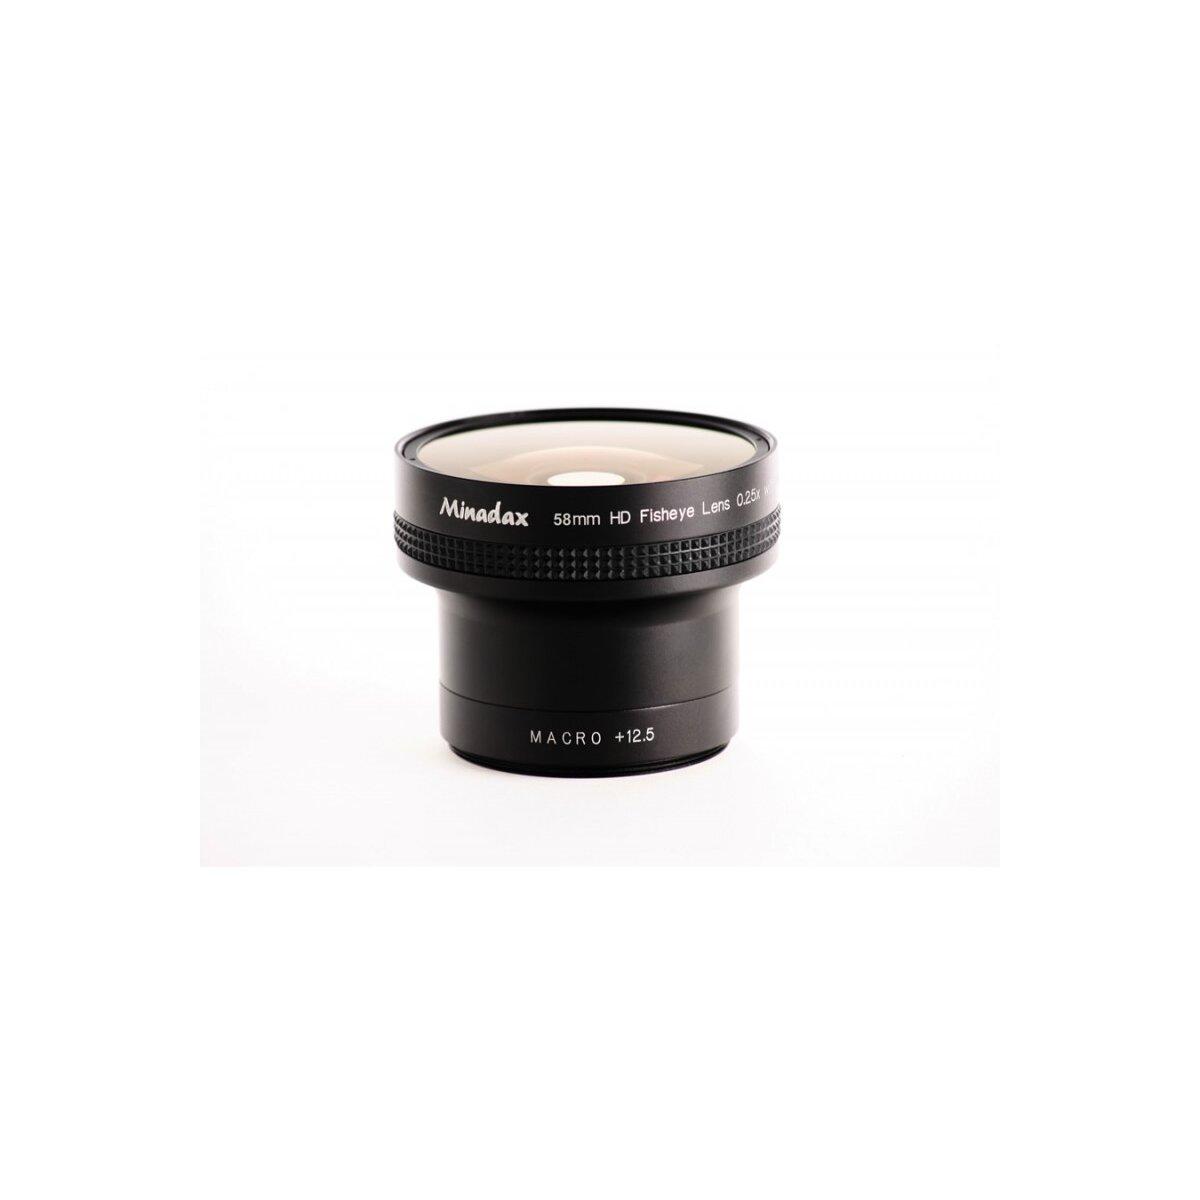 0.25x Minadax Fisheye Vorsatz Kodak Z612, Z712 IS, Z812 IS, Z1012, Z8612 IS - in schwarz